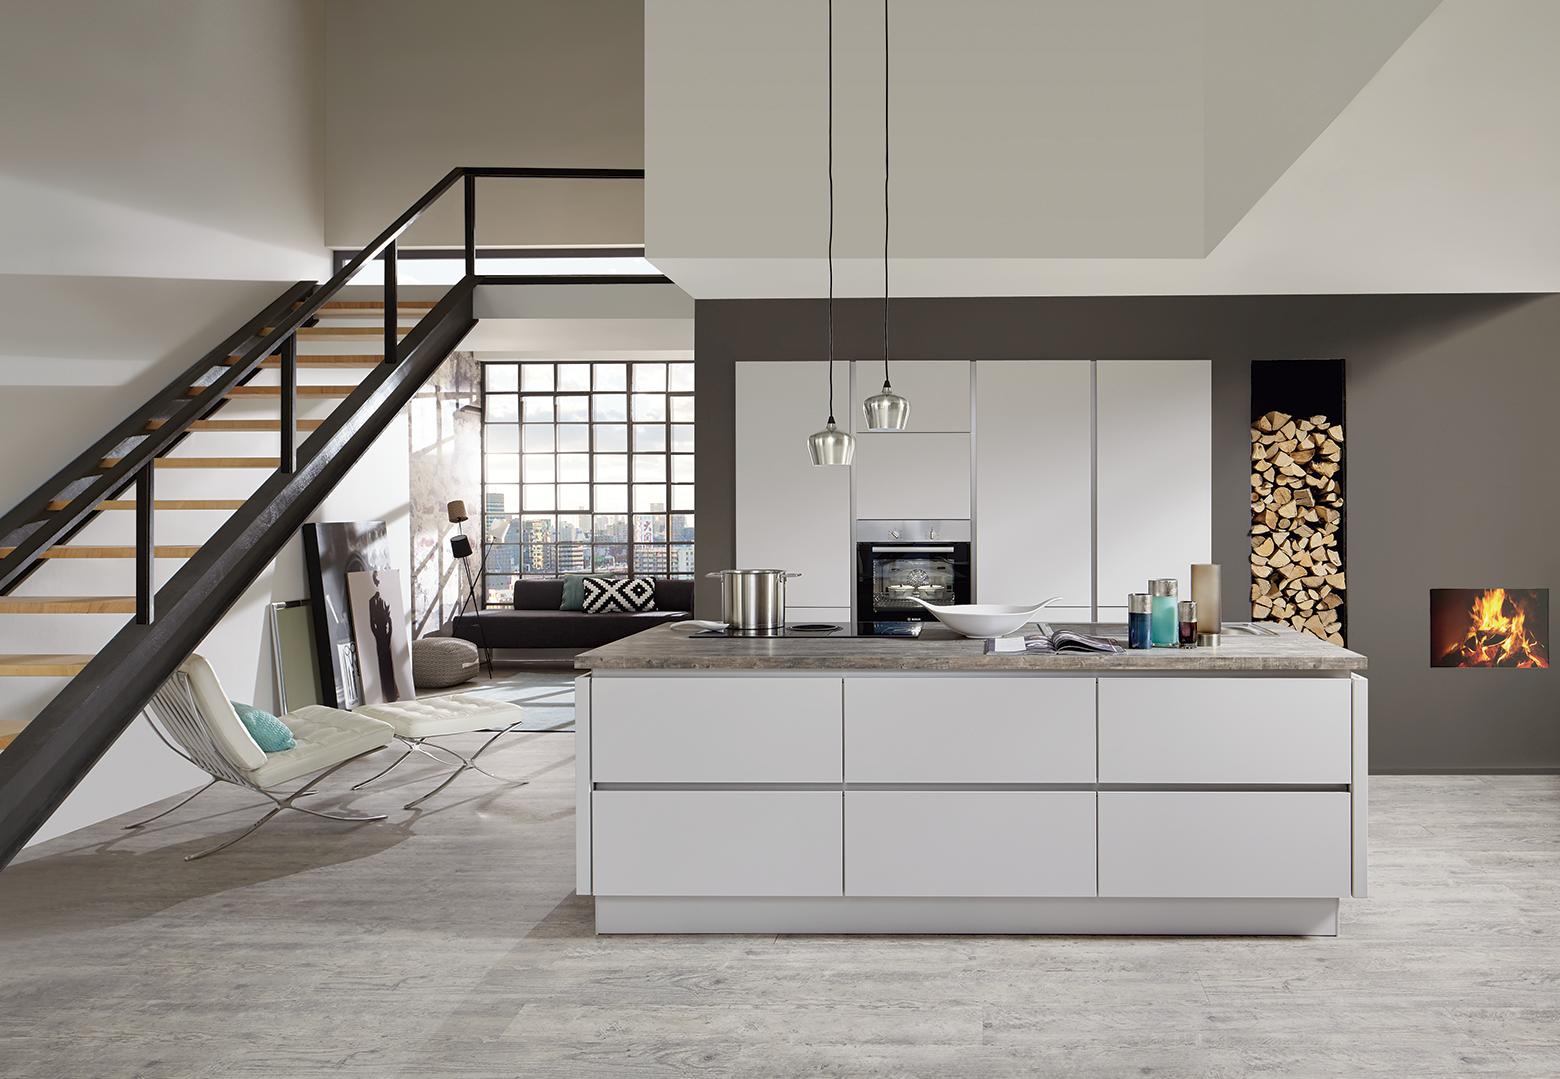 Küchentrends 2018 | Mein Zuhause | Pinterest | Küchentrends und Zuhause